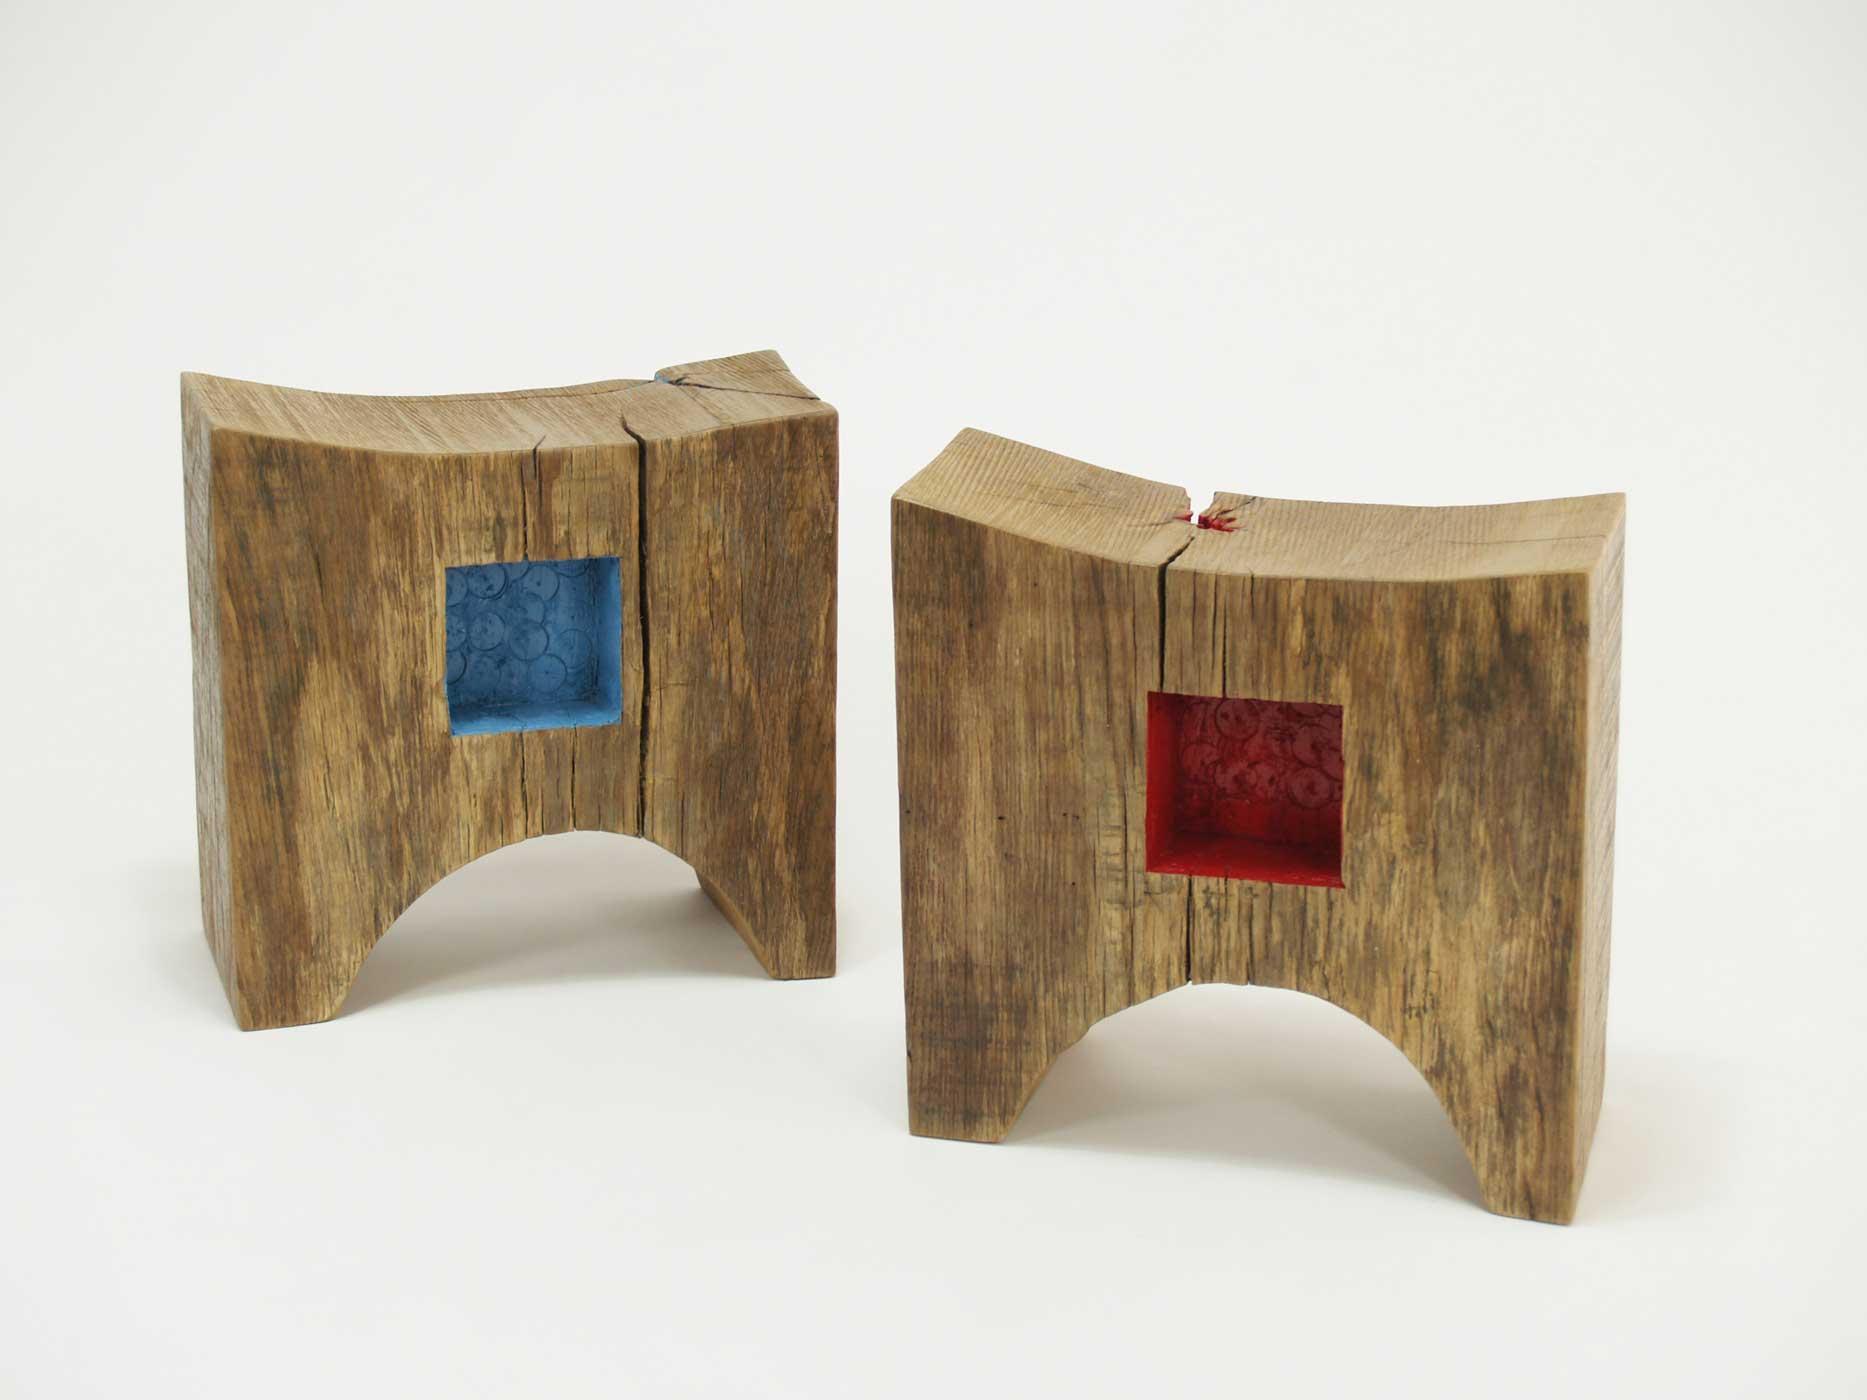 Sgabello in legno antico con vernice e colore